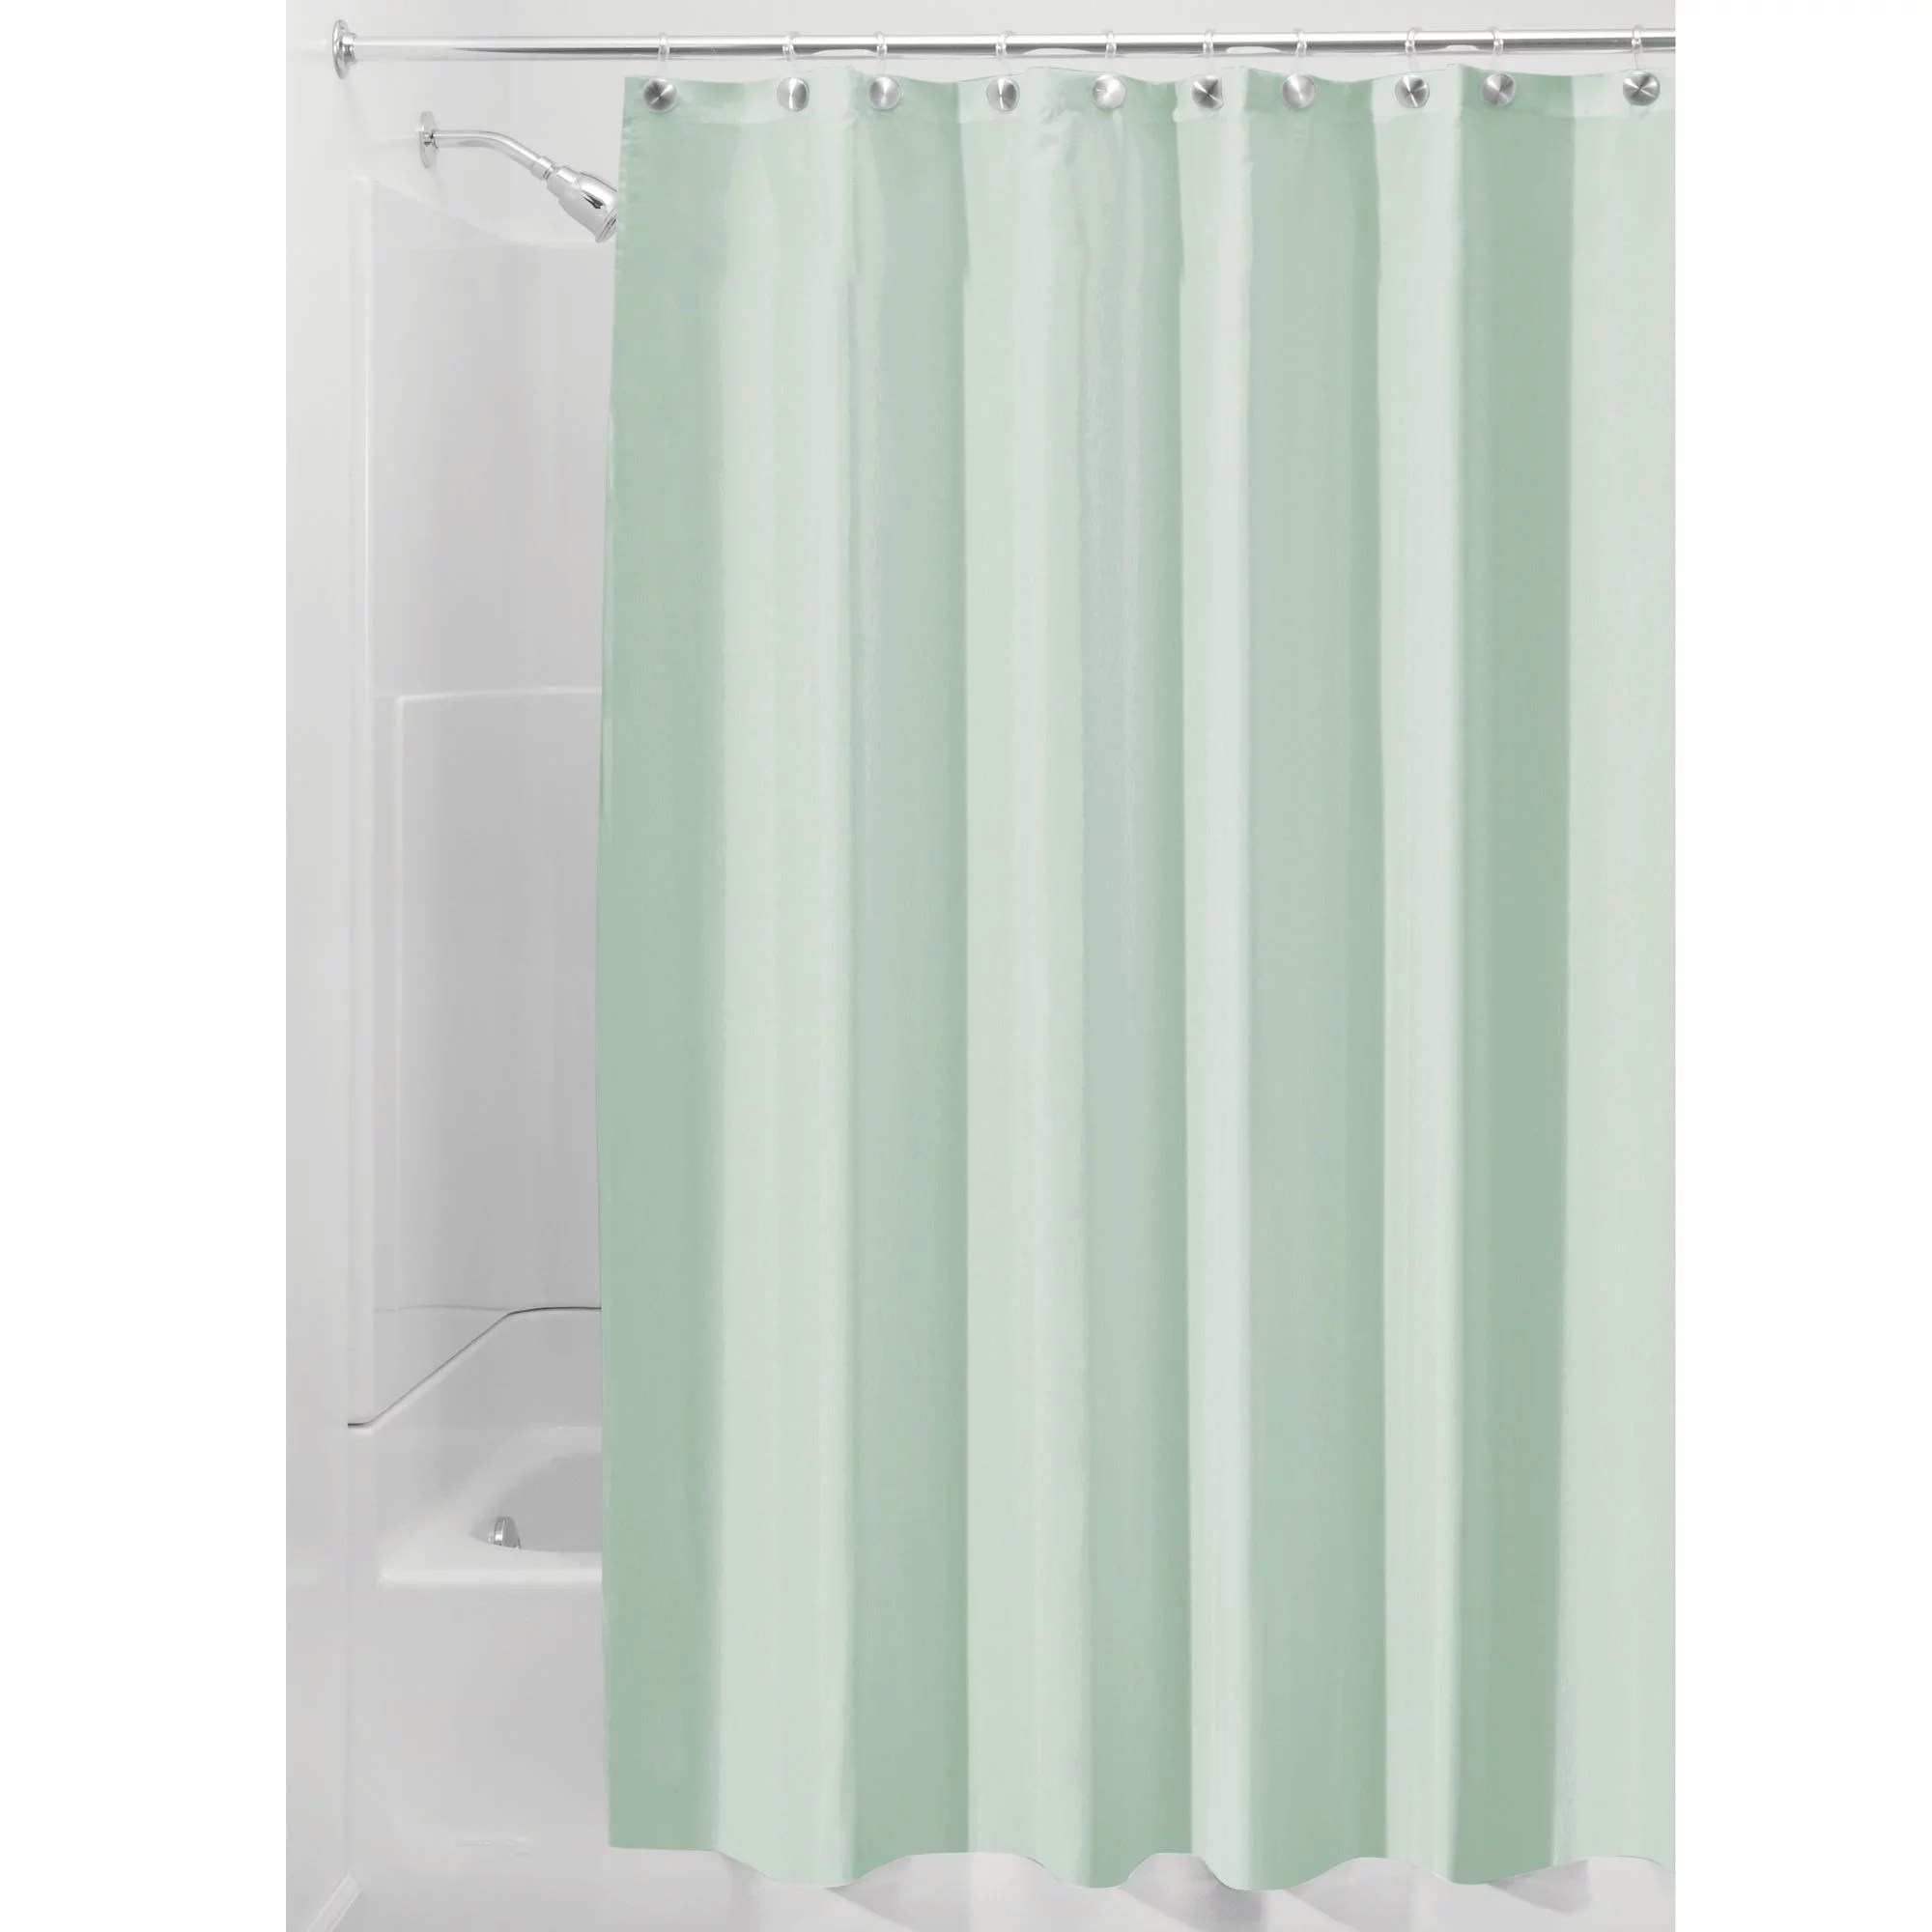 interdesign waterproof fabric shower curtain liner standard 72 x 72 seafoam green walmart com